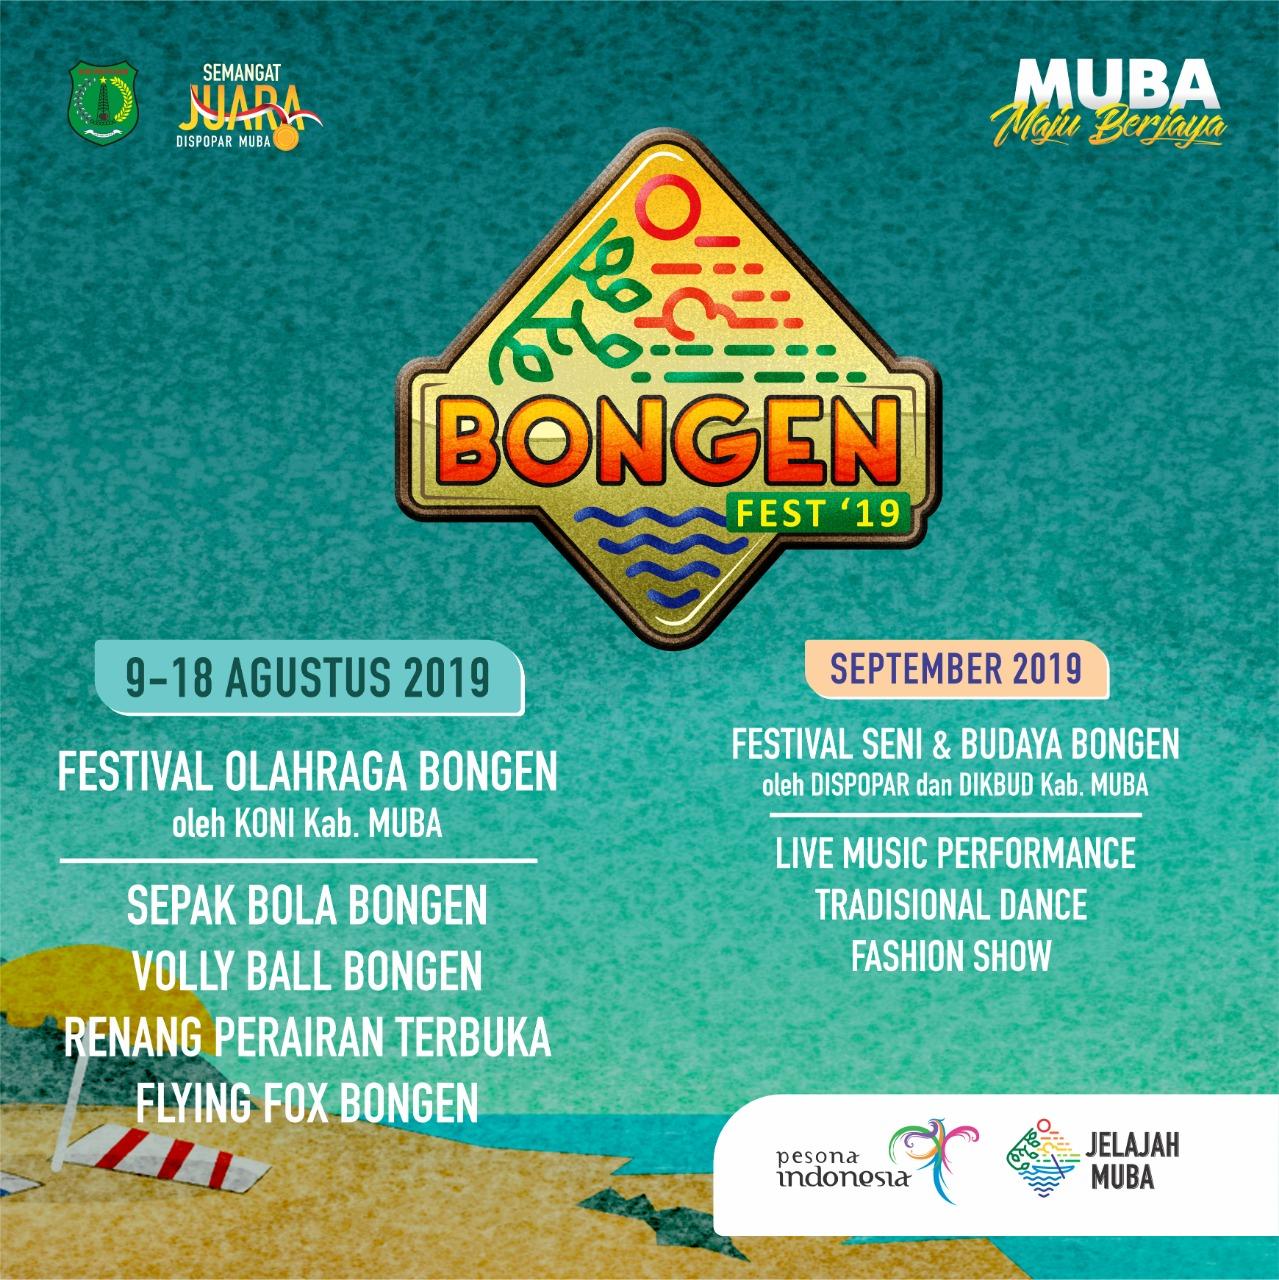 september-dispopar-dan-dikbud-muba-gelar-festival-bongen-lebih-meriah-muba142hx1565605411.jpg